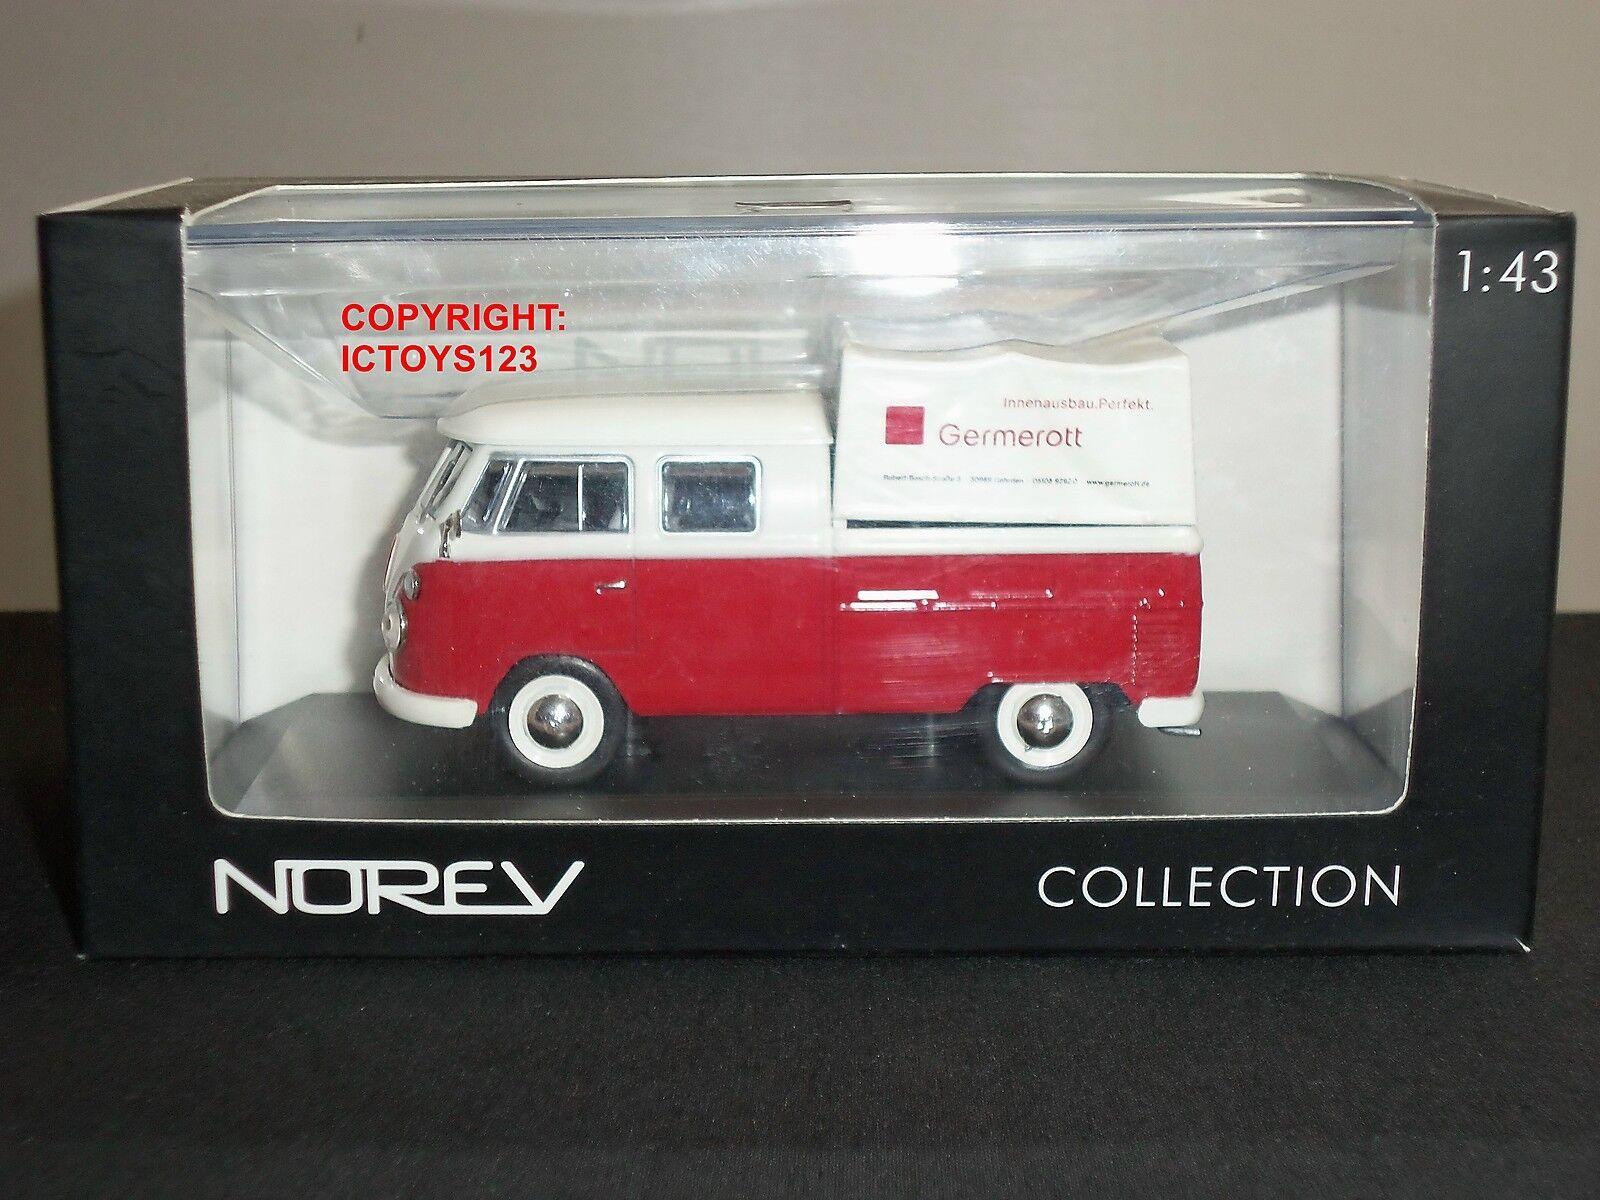 Bonne année, achat de recettes, cadeaux Norev 840214 volkswagen vw tic doka transporteur diecast modèle van | 2019